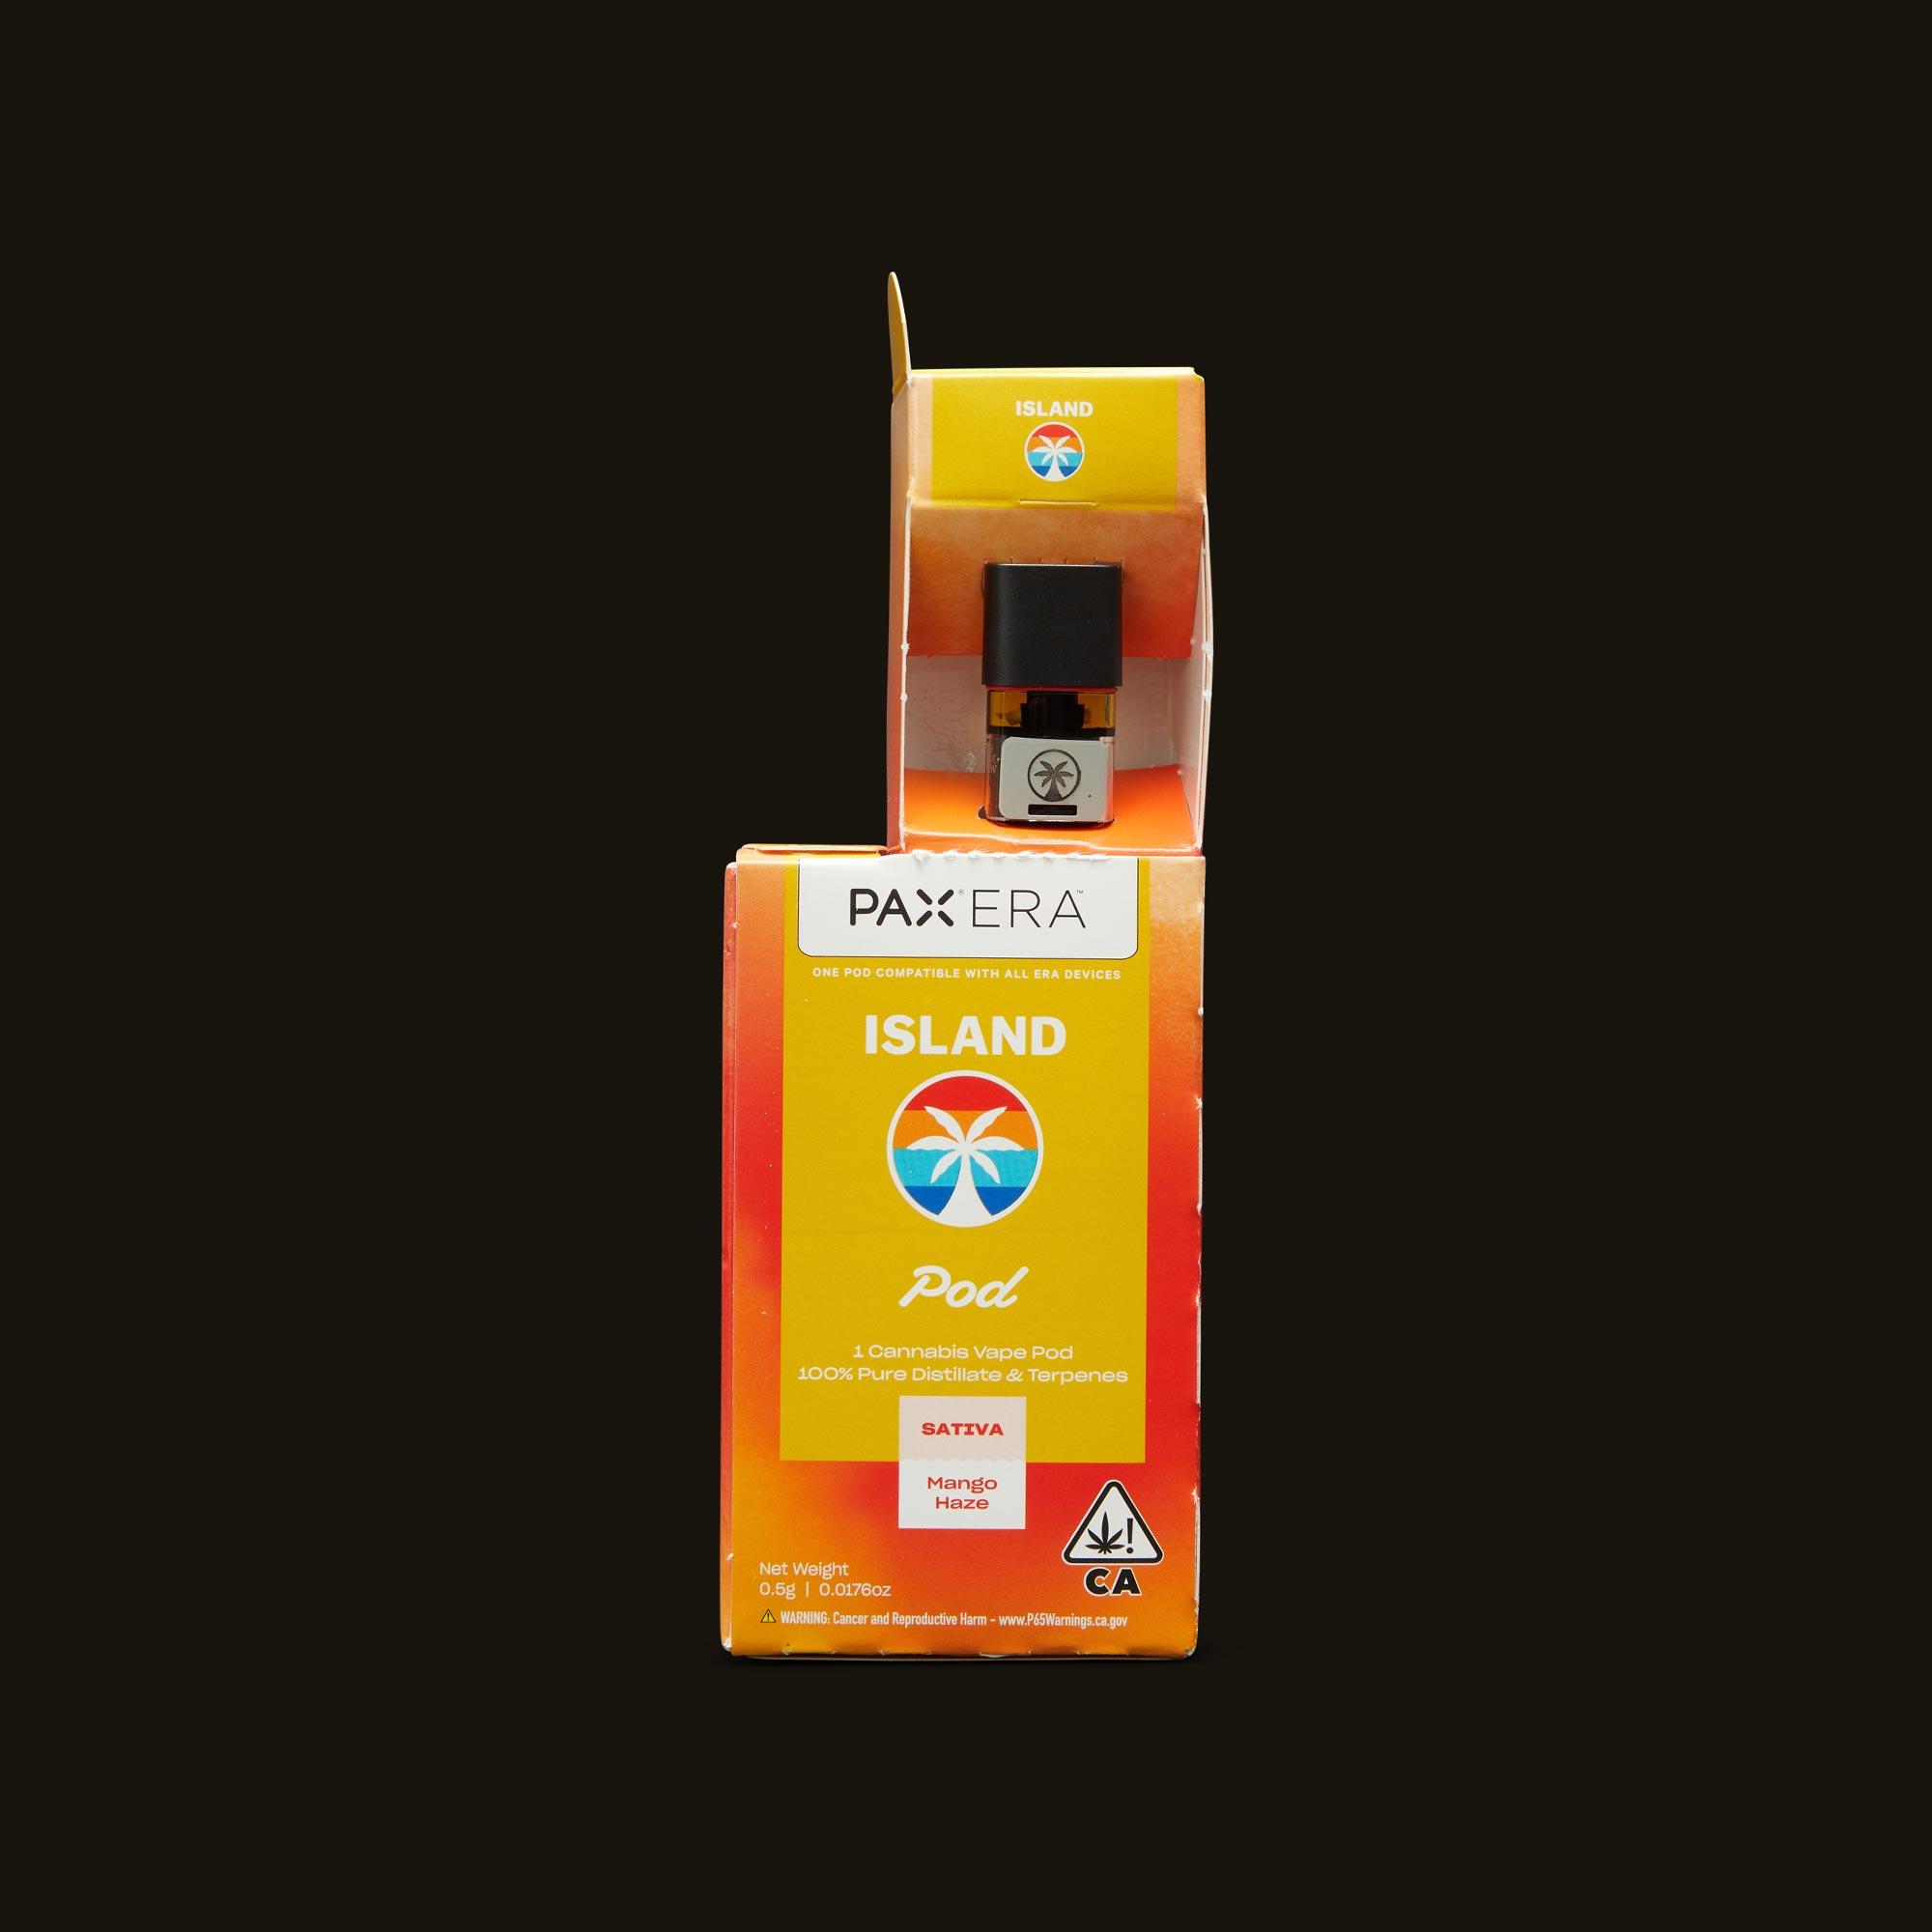 Island Mango Haze PAX Era Pod Open Packaging